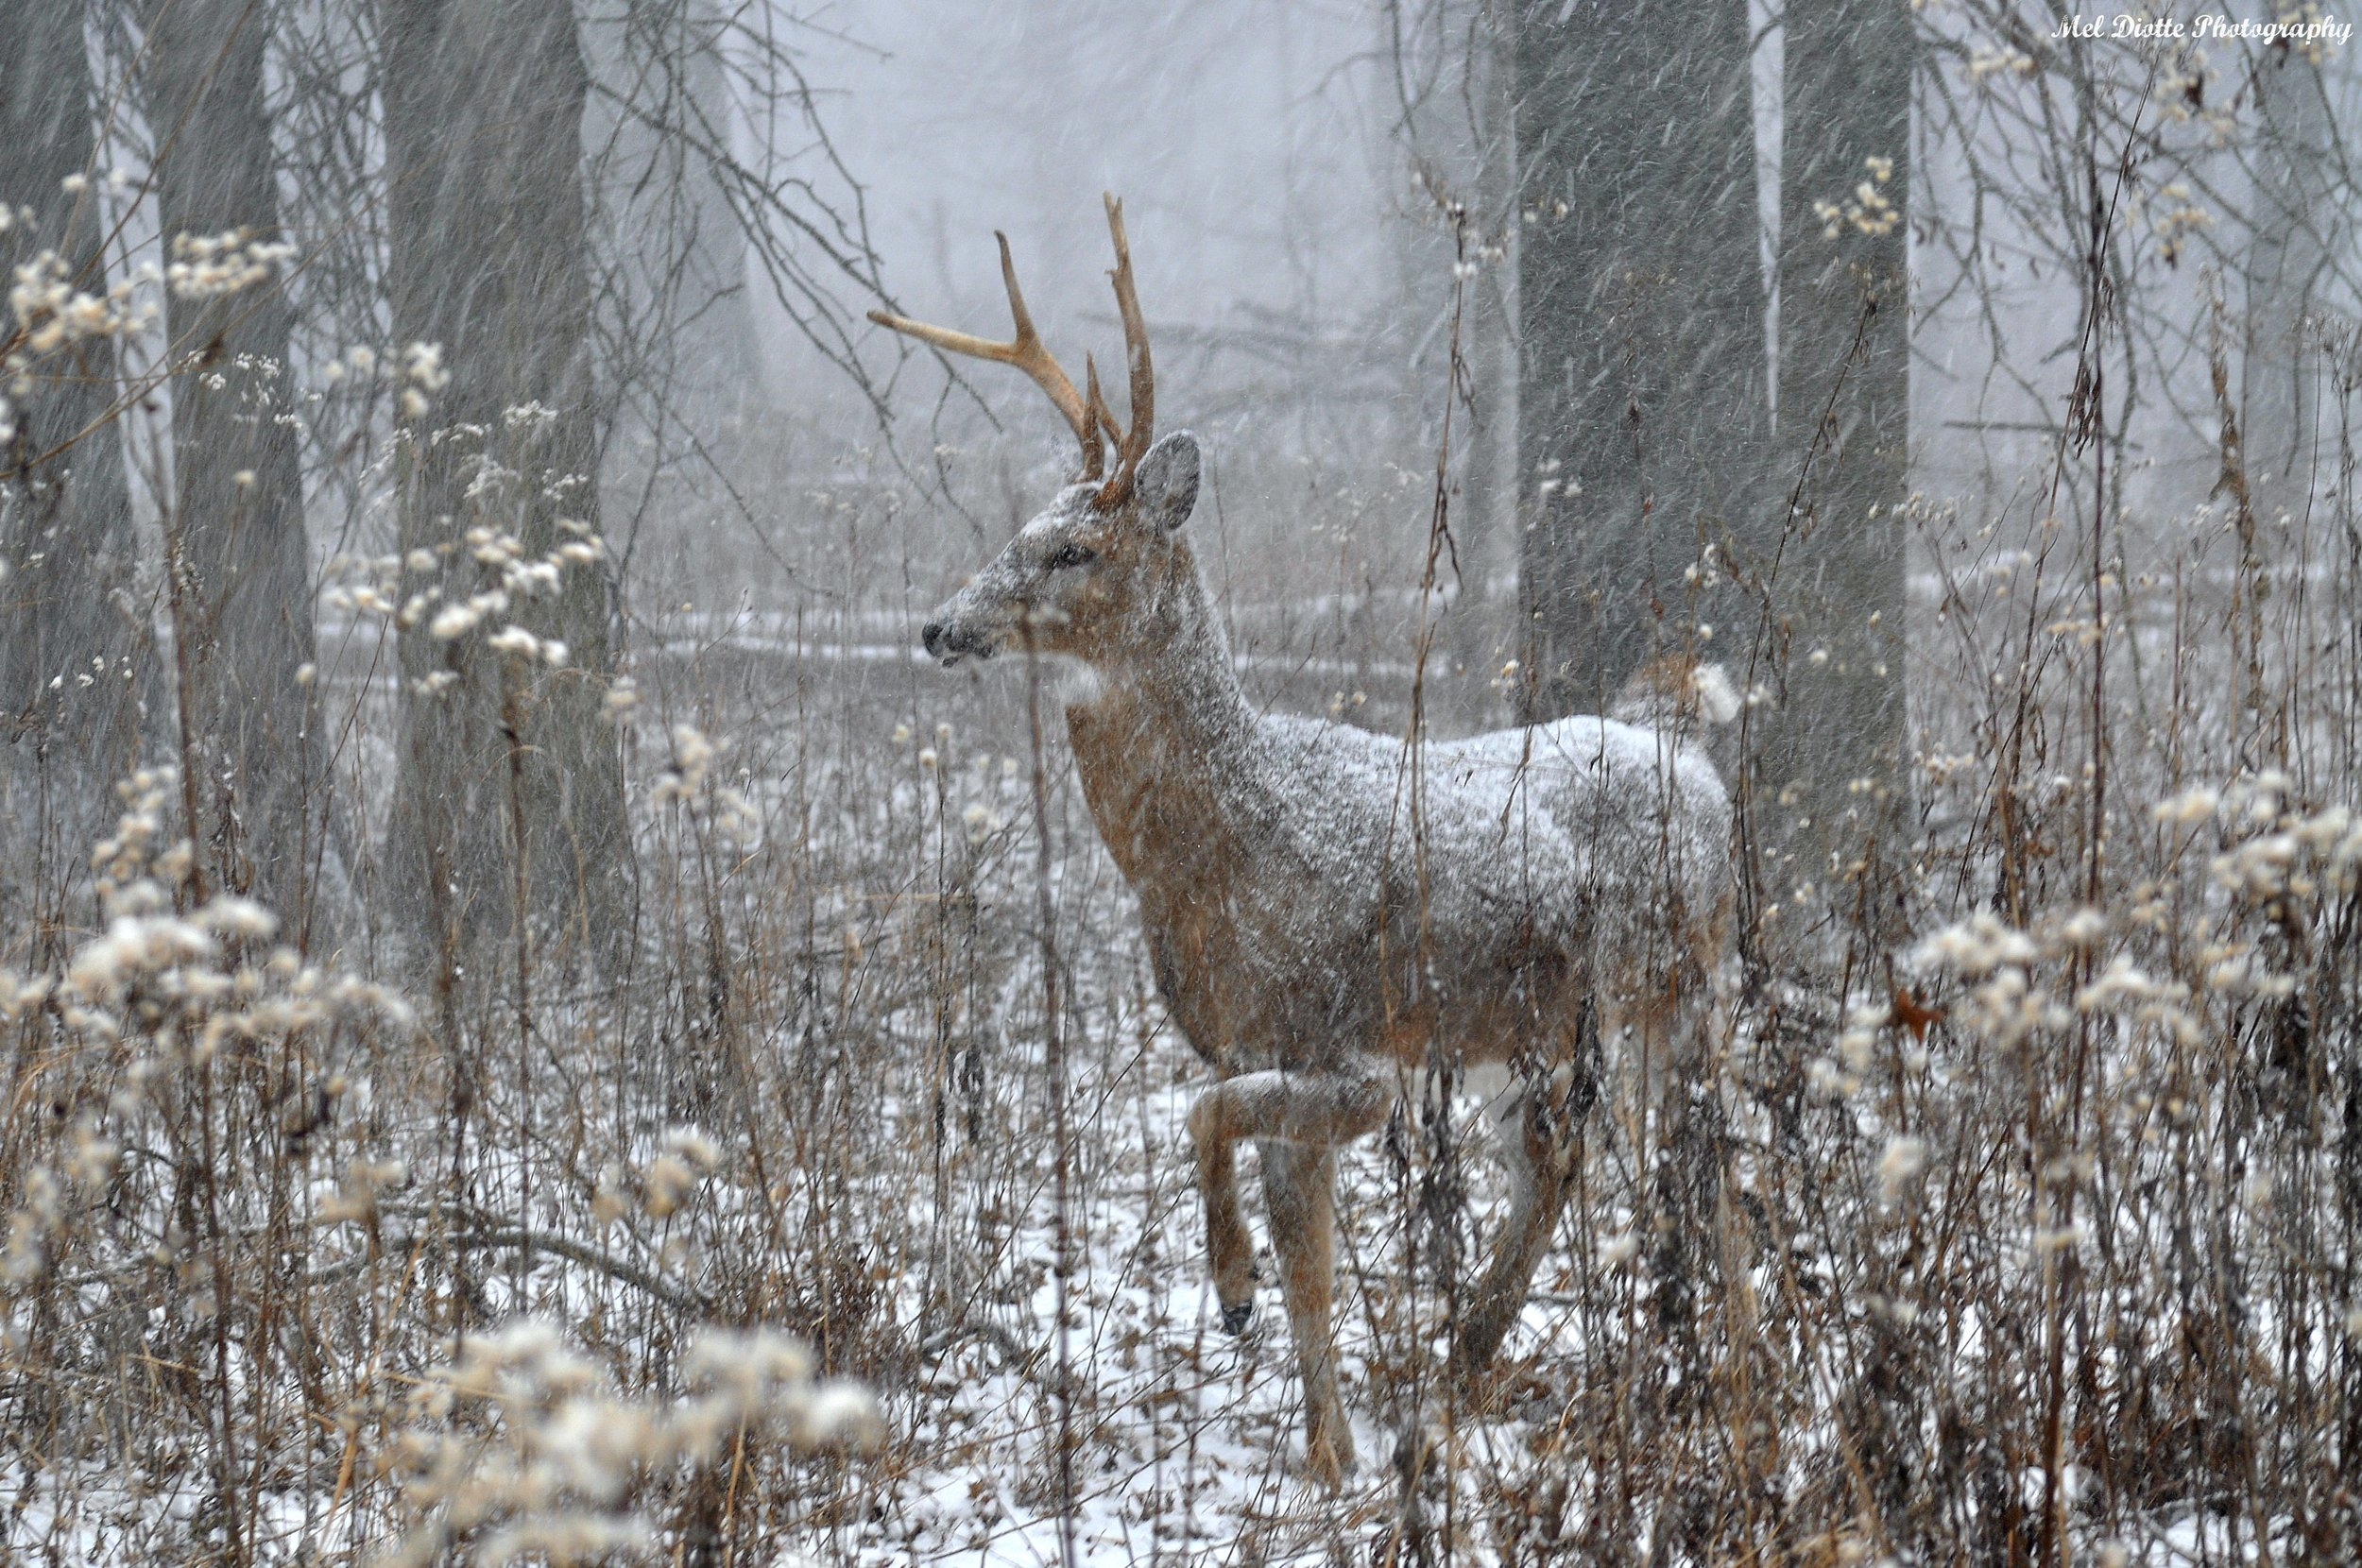 piebald deer 127.jpg